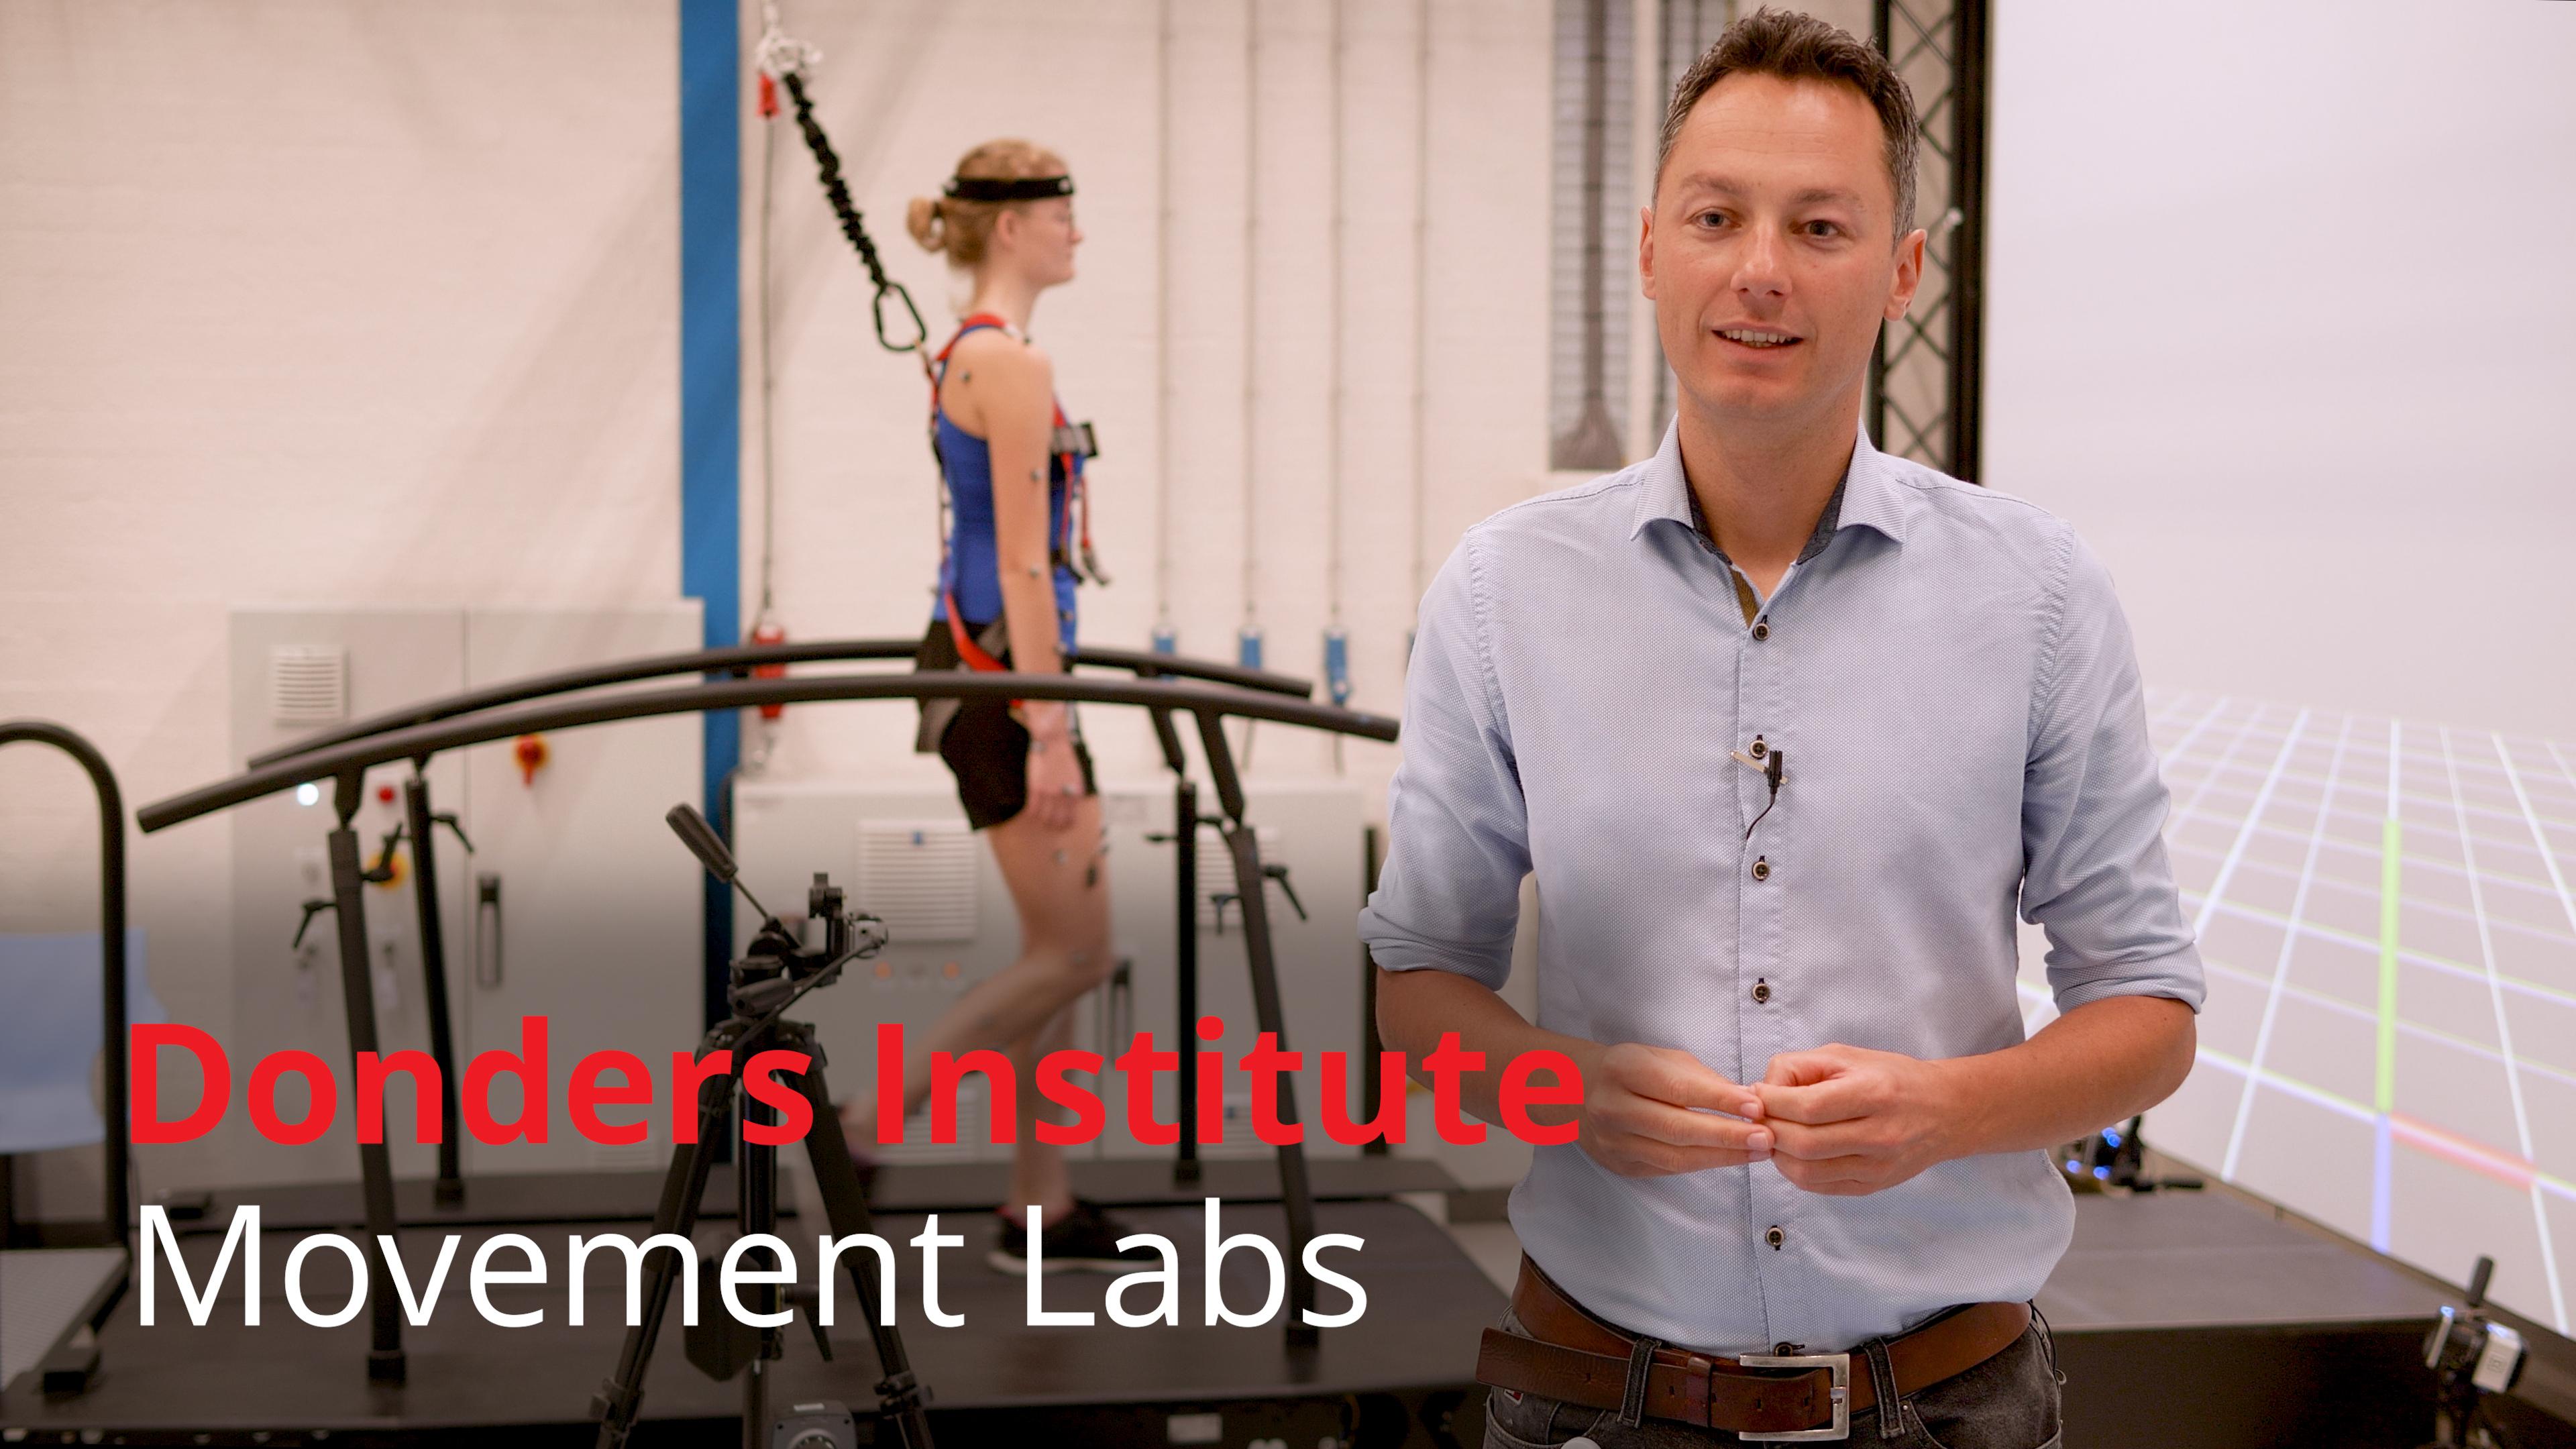 """[expand title=""""""""] https://youtu.be/5HHvX7xRQNw Voor het Donders Institute (onderdeel Radoud Universiteit) maken we een serie labtours. Elke video is een korte introductie in een onderzoeksgebied van Donders. [/expand]"""